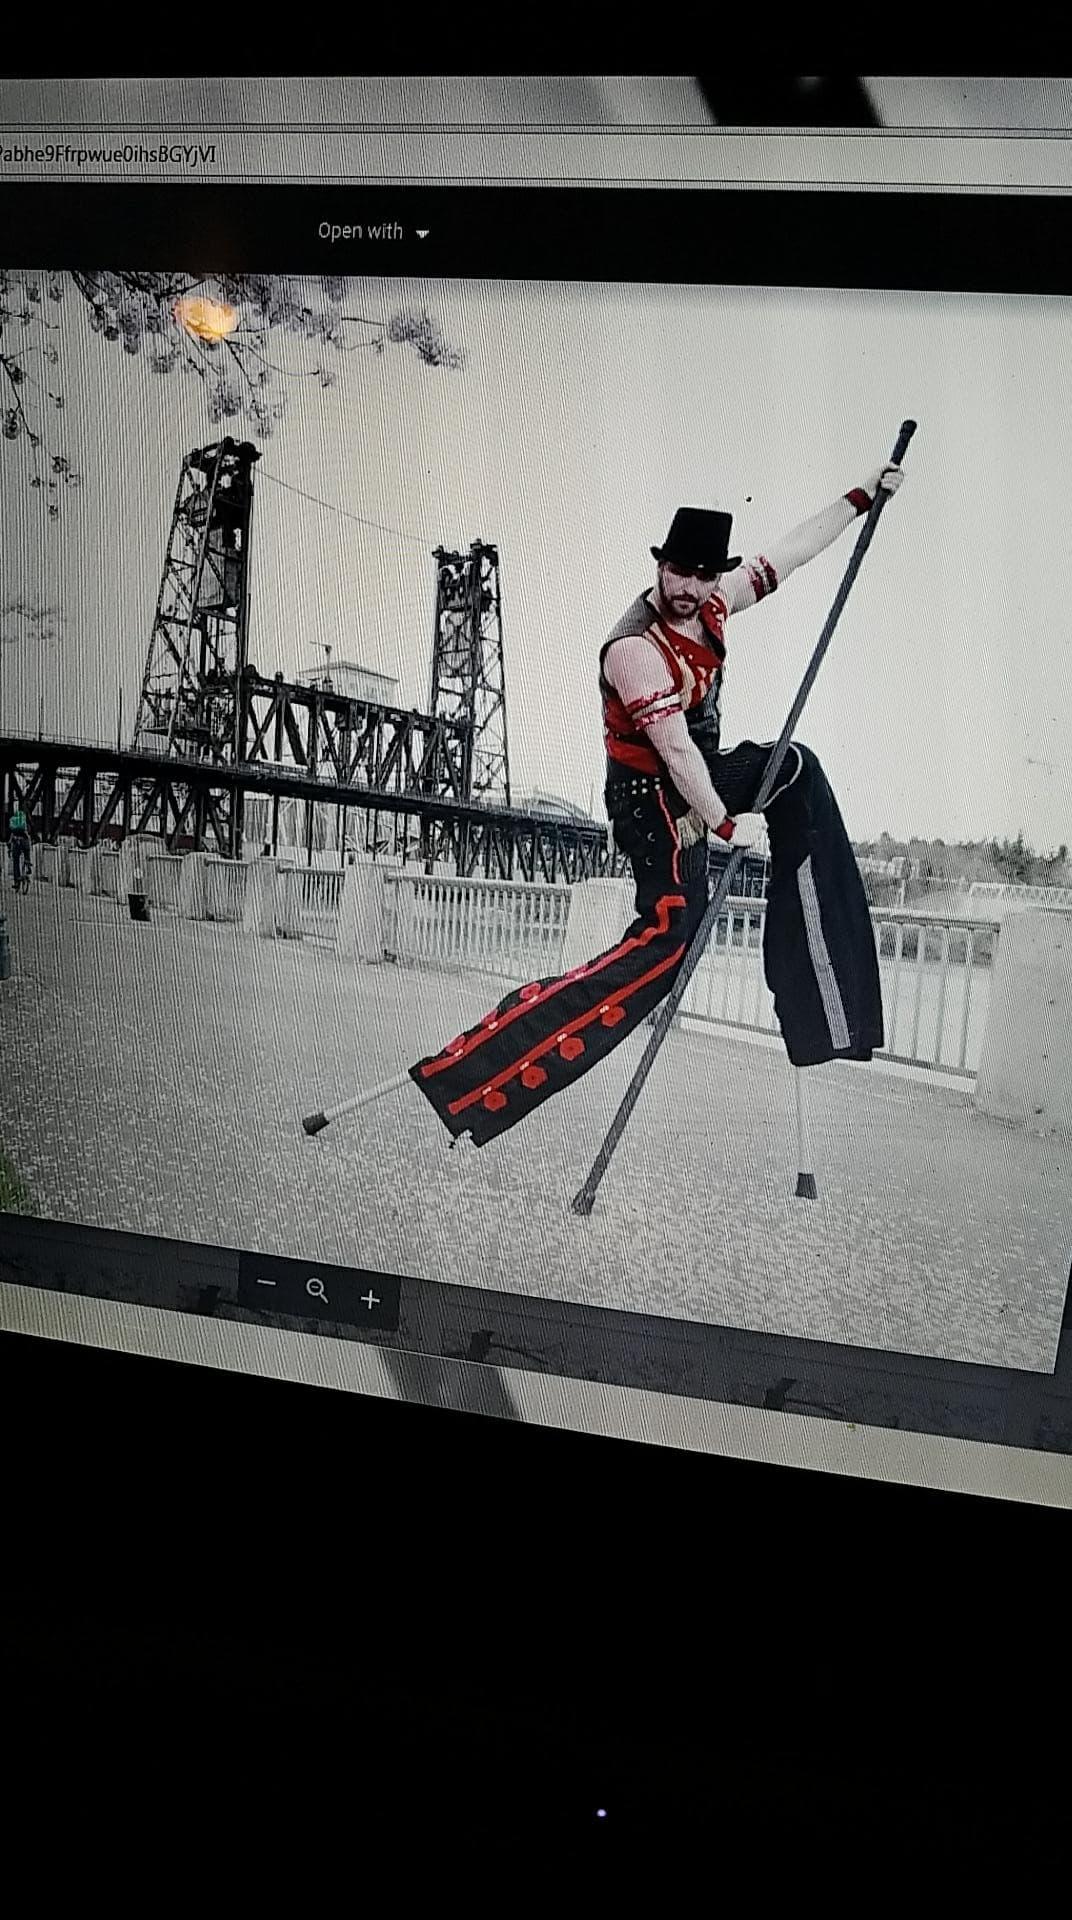 Performing Stilt Walker, professional co